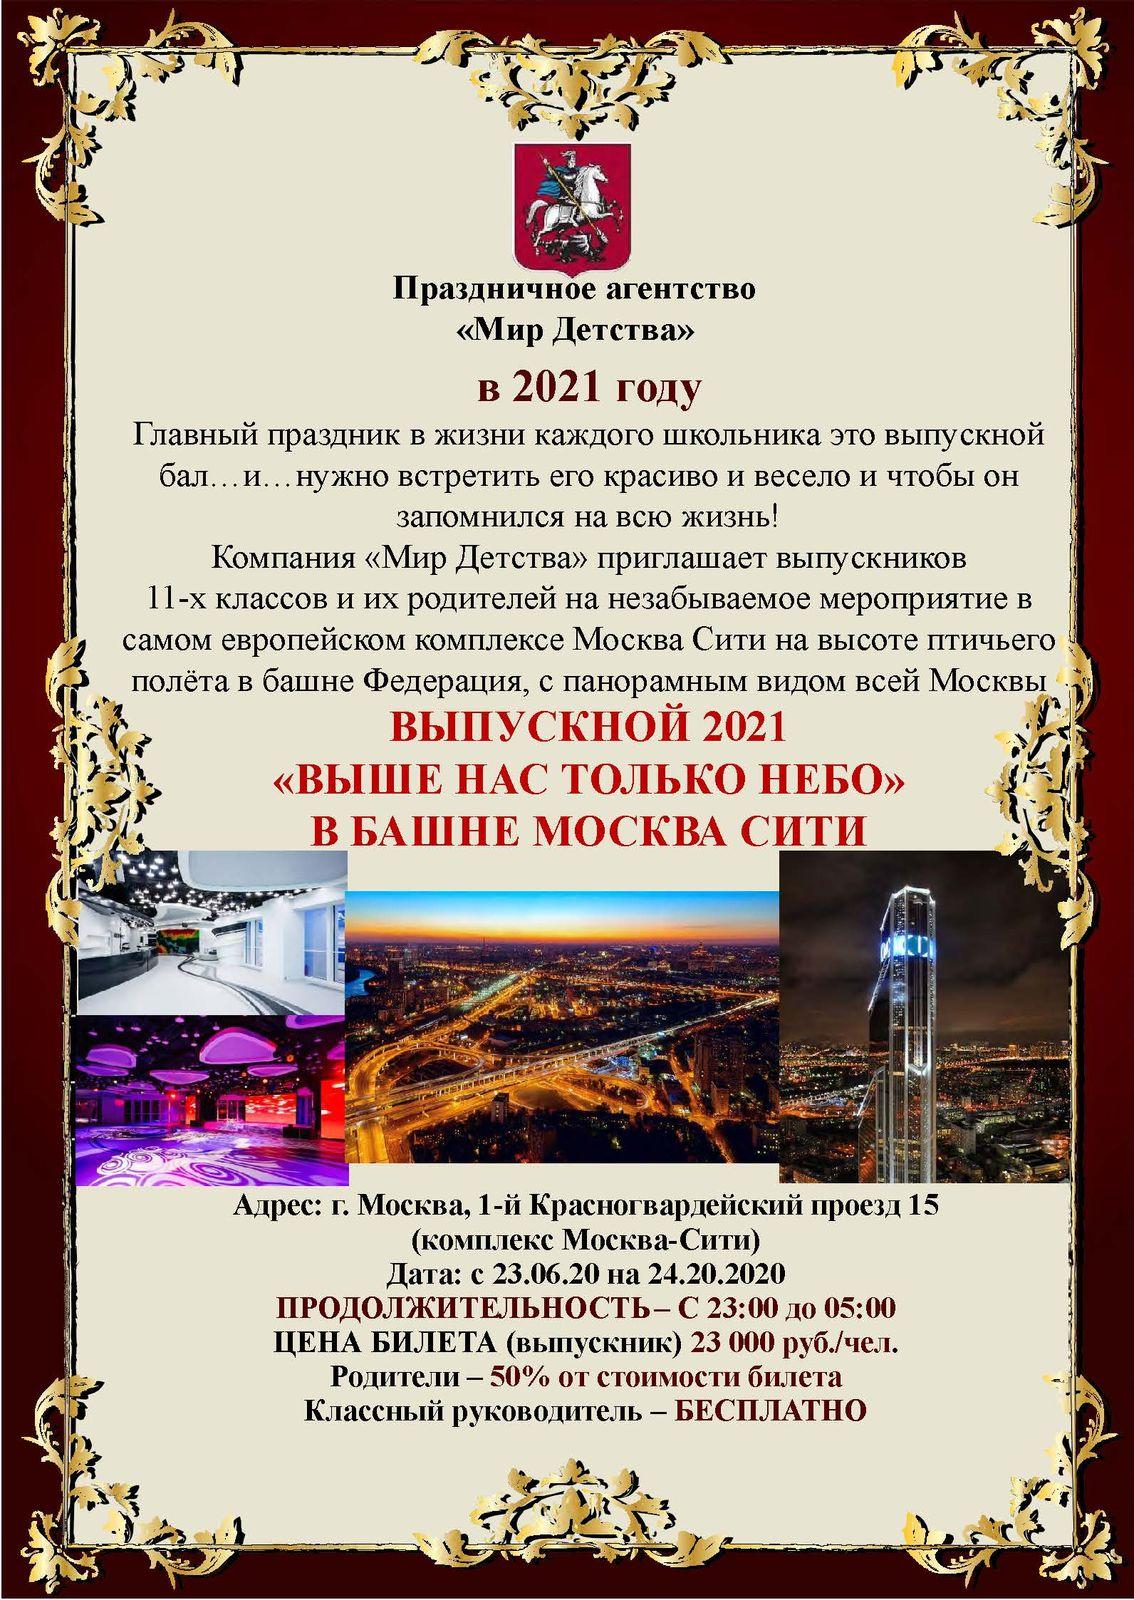 Презентация Выпускной Выше нас только небо 2021 в Башне Москва Сити 2